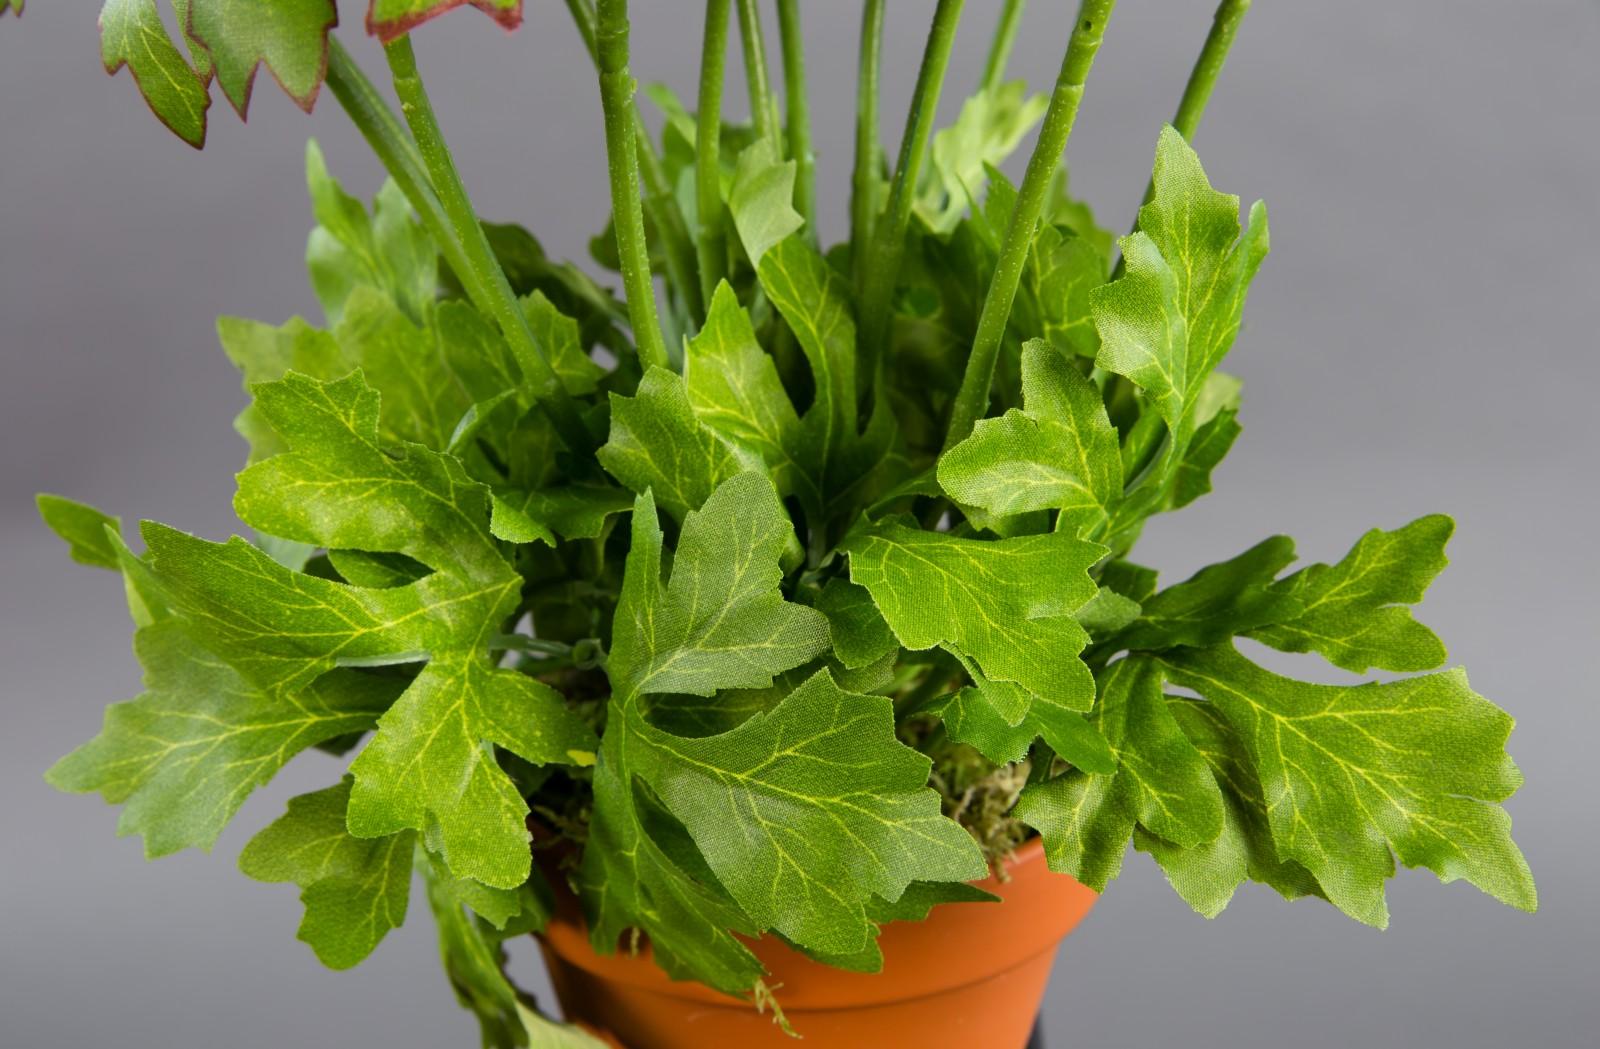 künstliche Hornveilchen 30cm lila Stiefmütterchen Pflanze Kunstblumen Kunstblume